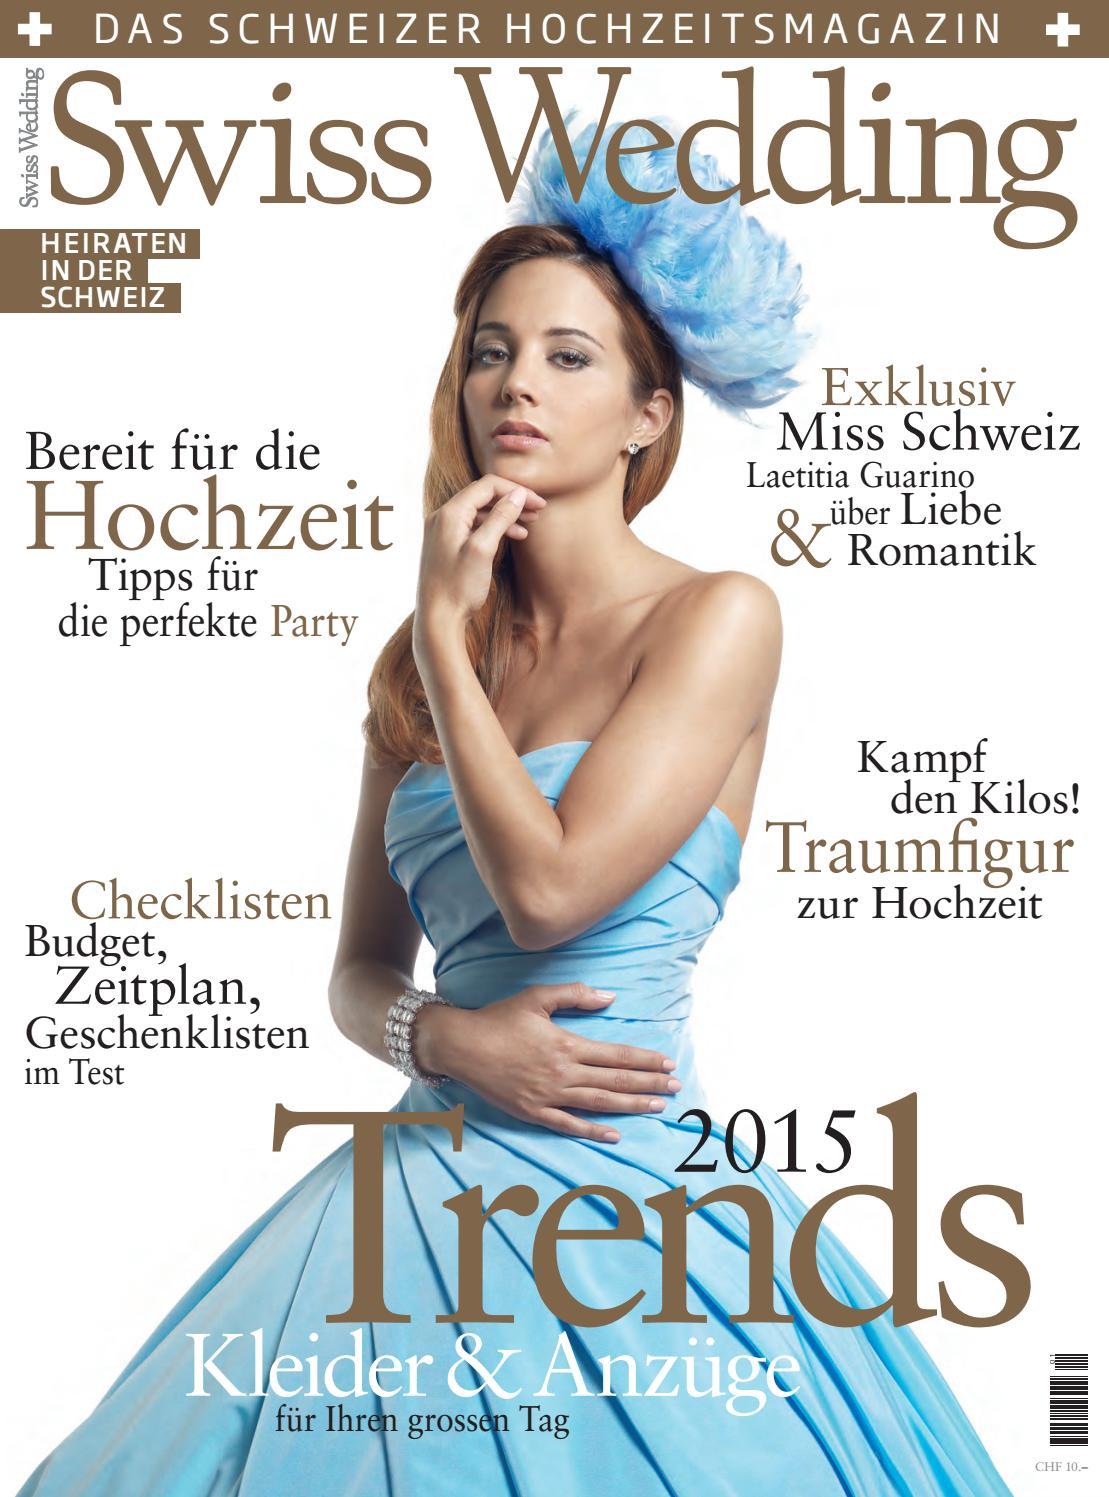 Swiss Wedding 01 2016 by BL Verlag AG - issuu